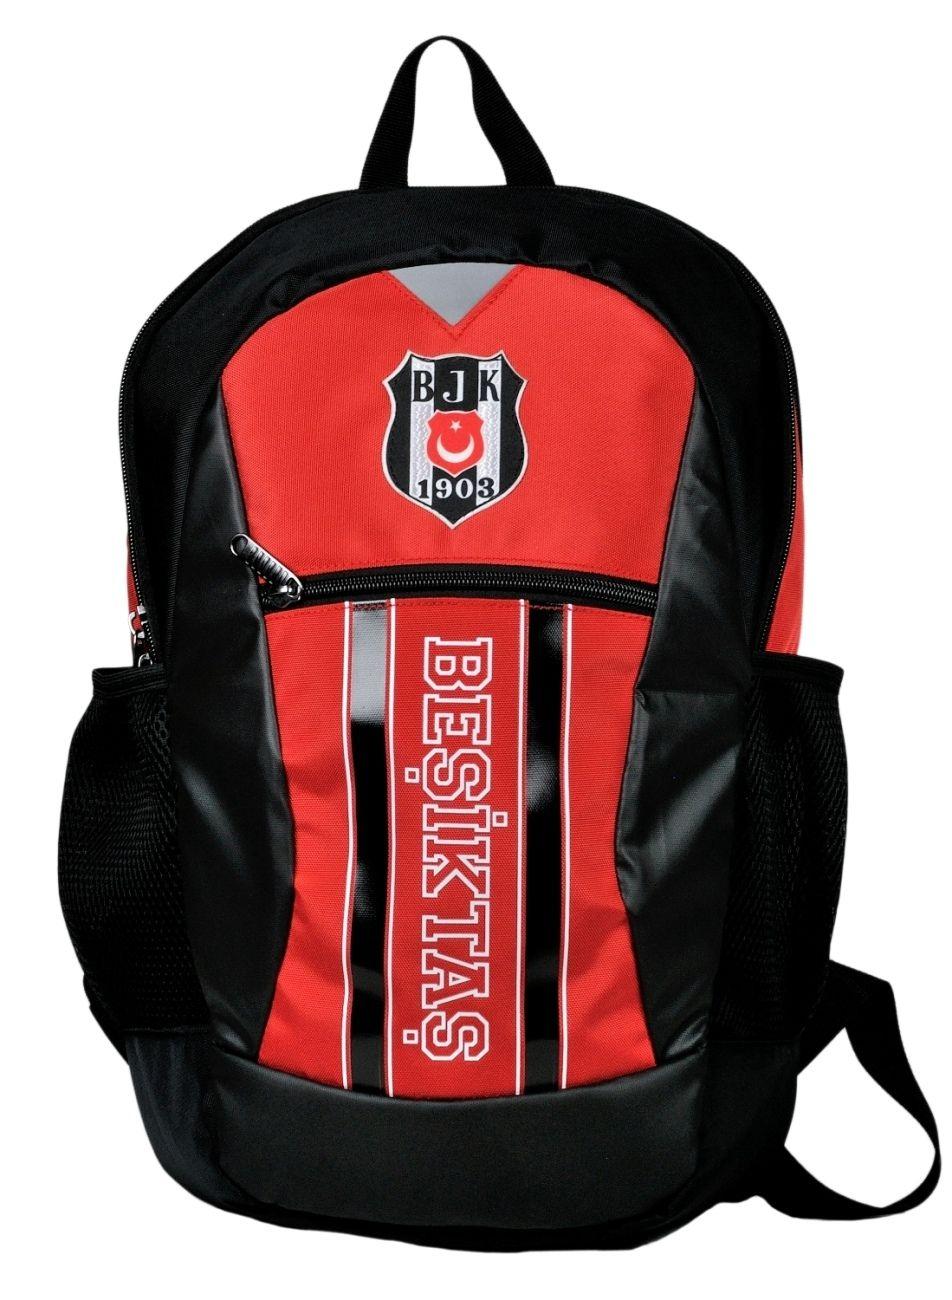 526b14914b3d5 Hakan Çanta Beşiktaş Kırmızı/Siyah Sırt Çantası - 96114